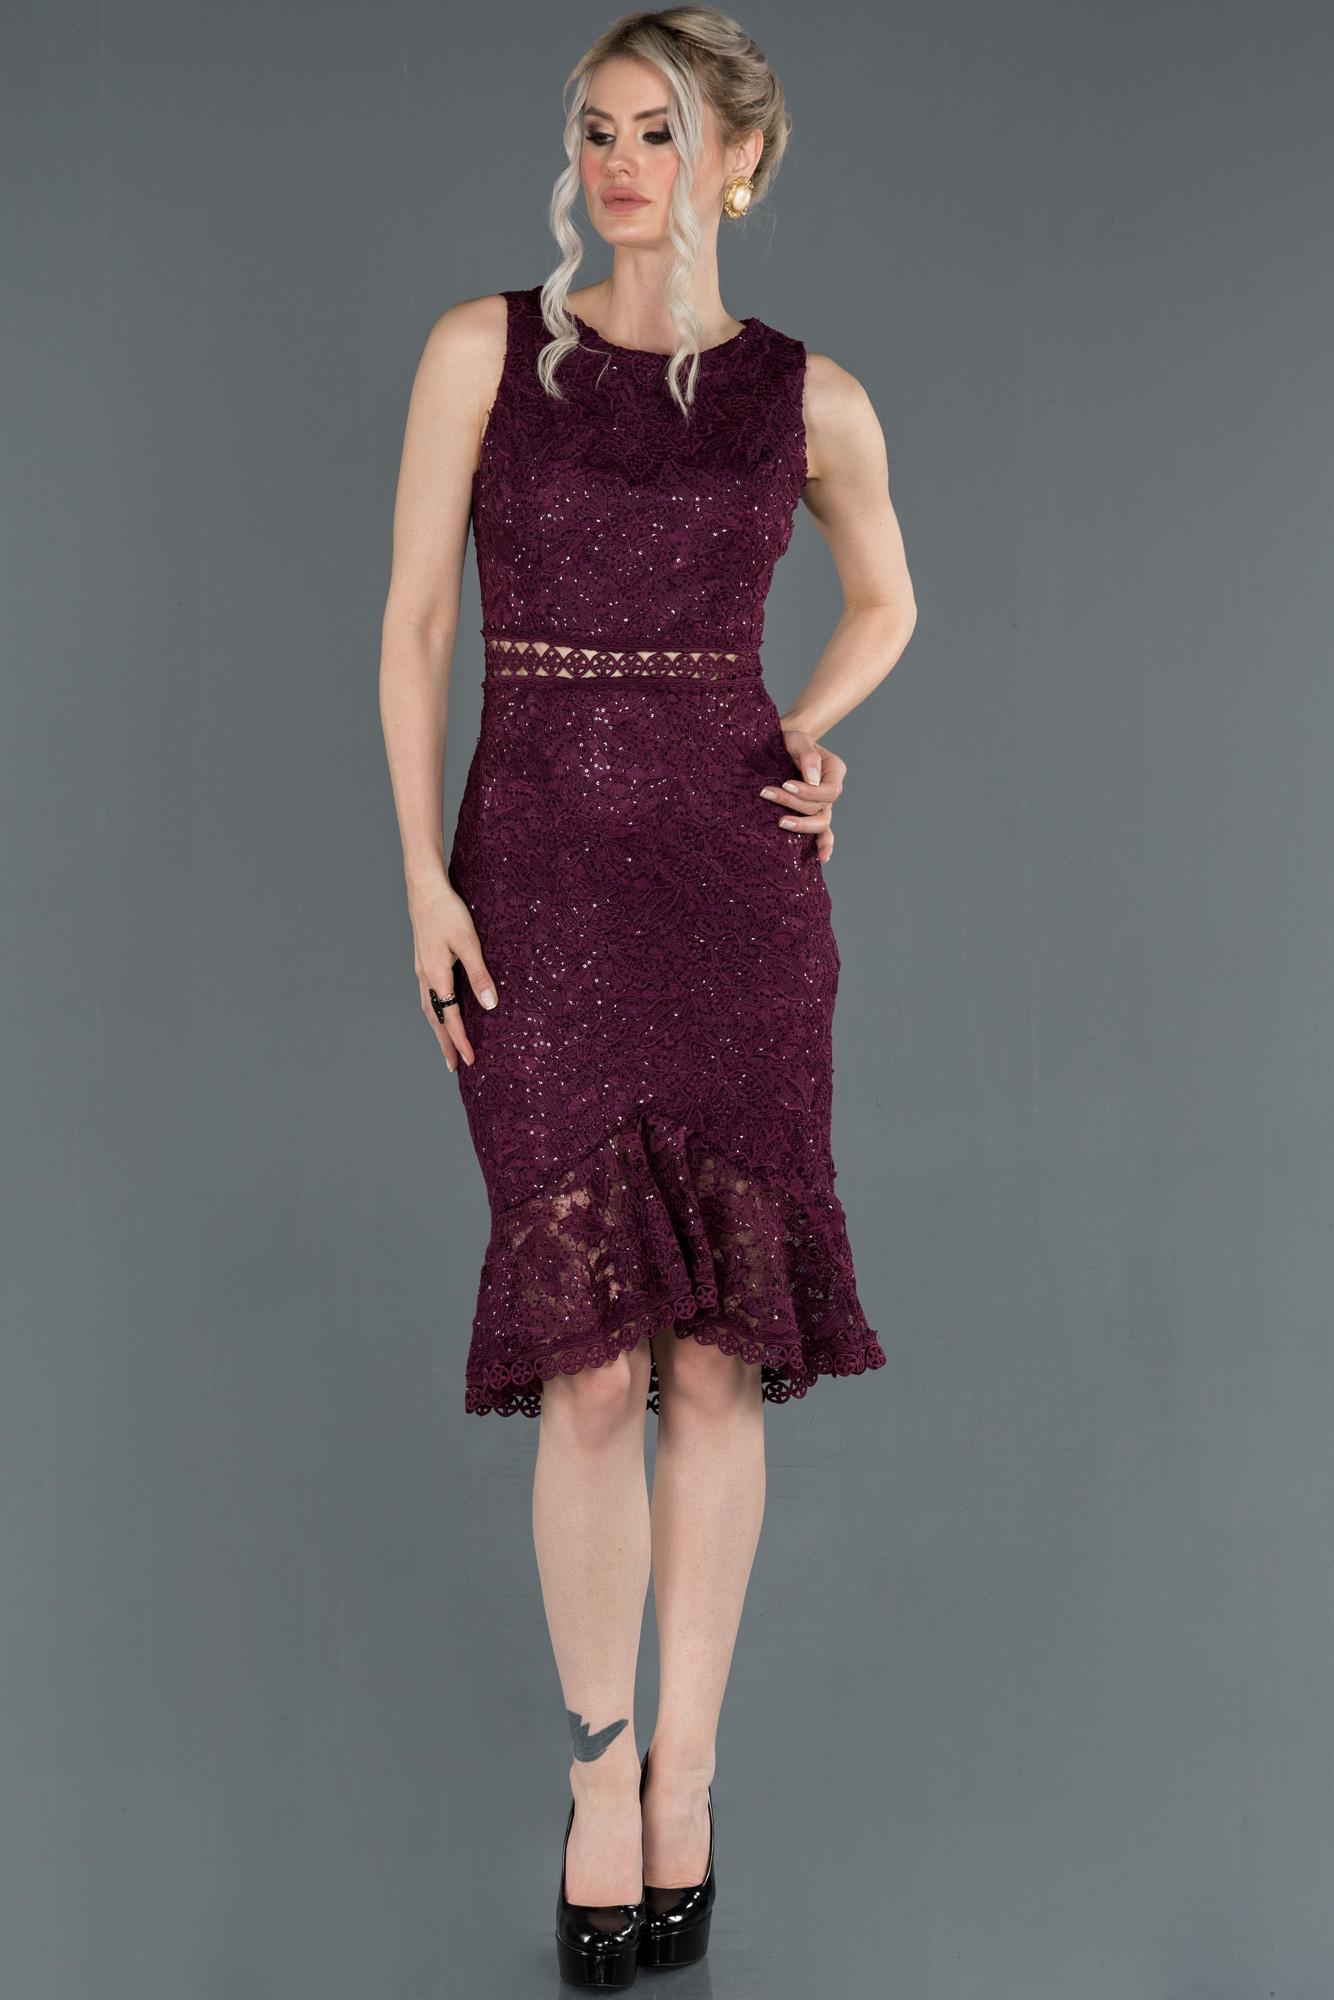 Mor Kısa Güpürlü Davet Elbisesi